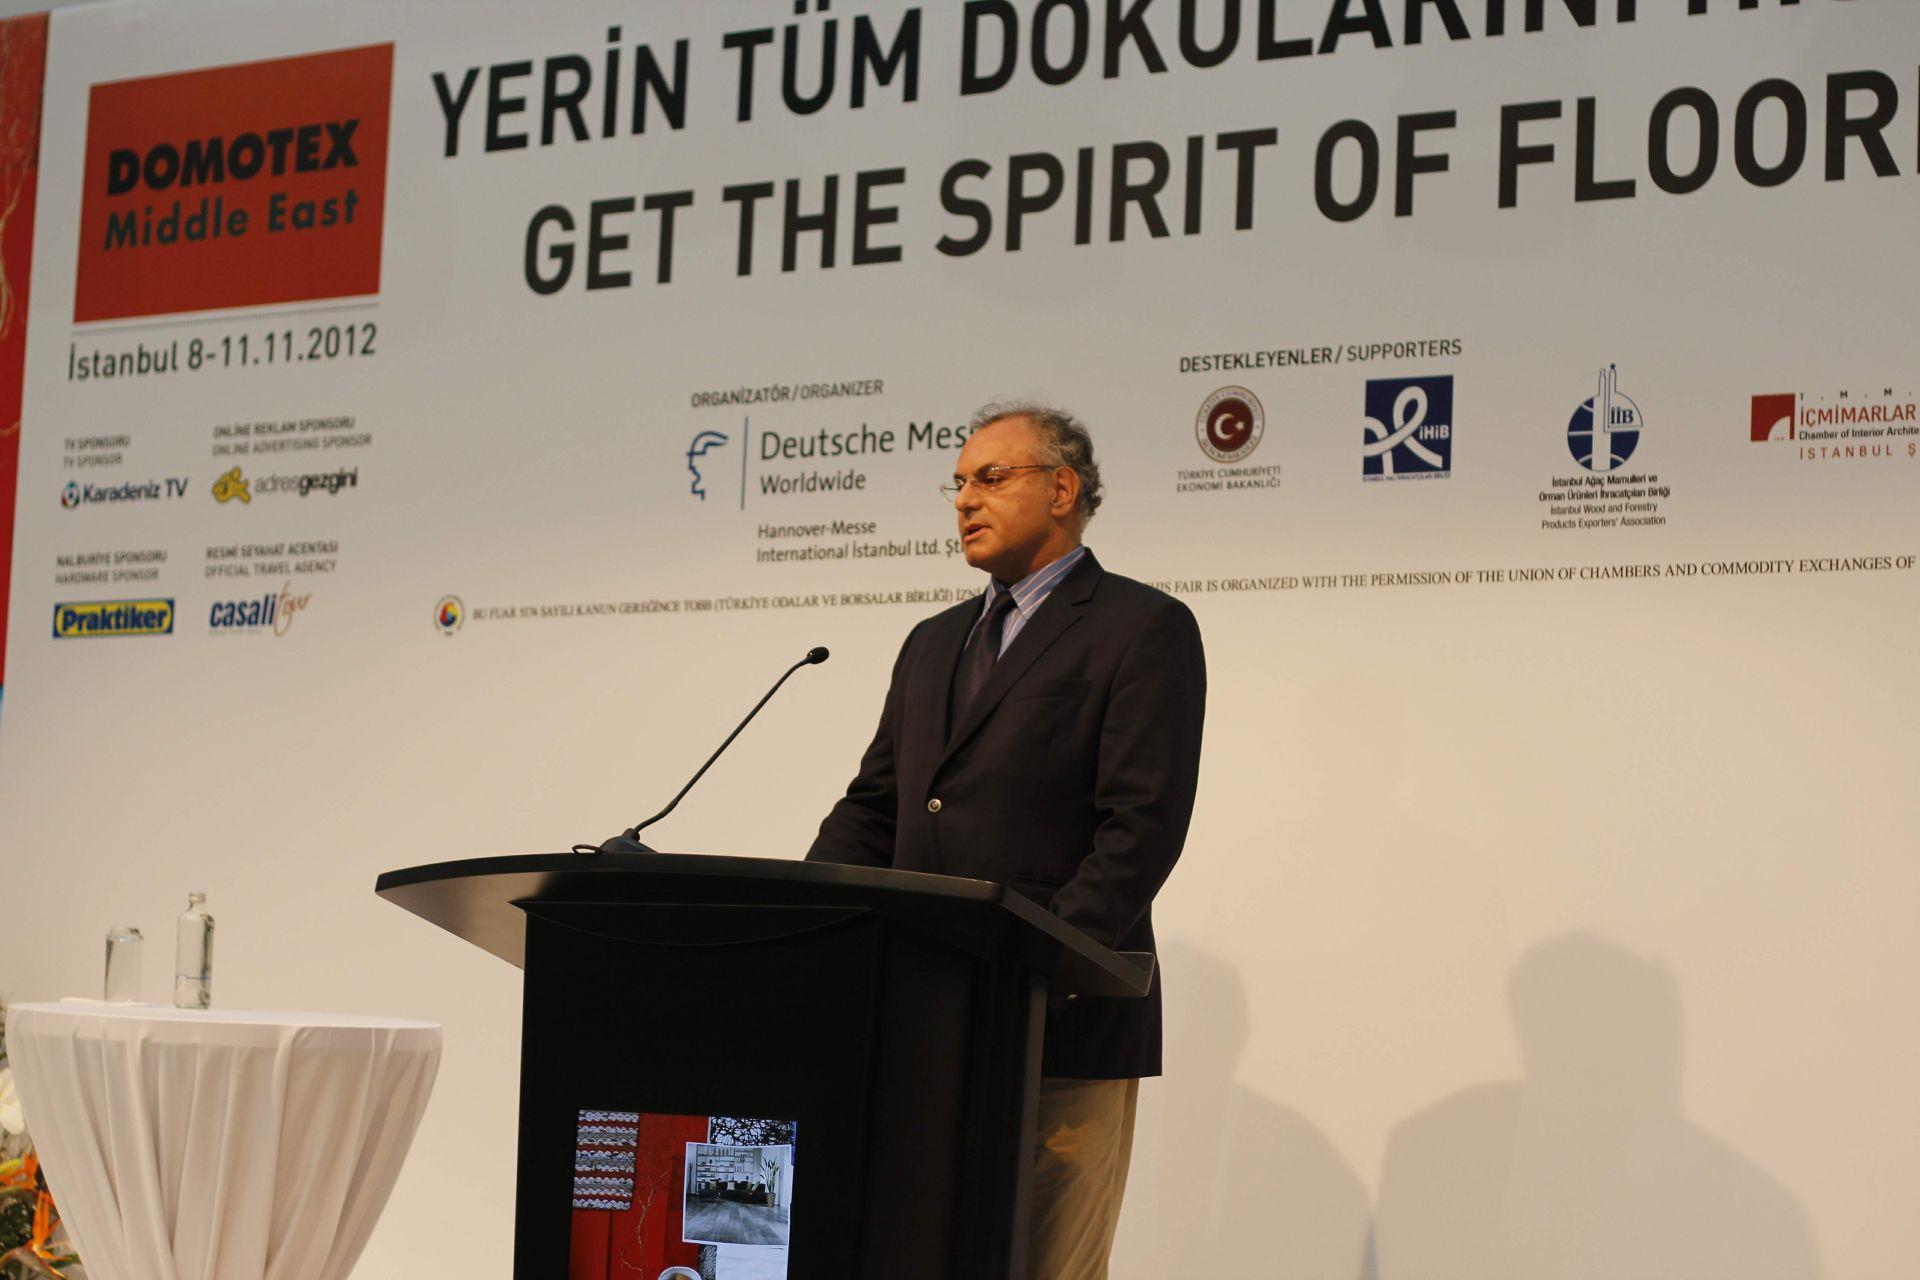 DOMOTEX Turkey 2012 Açılış Töreni